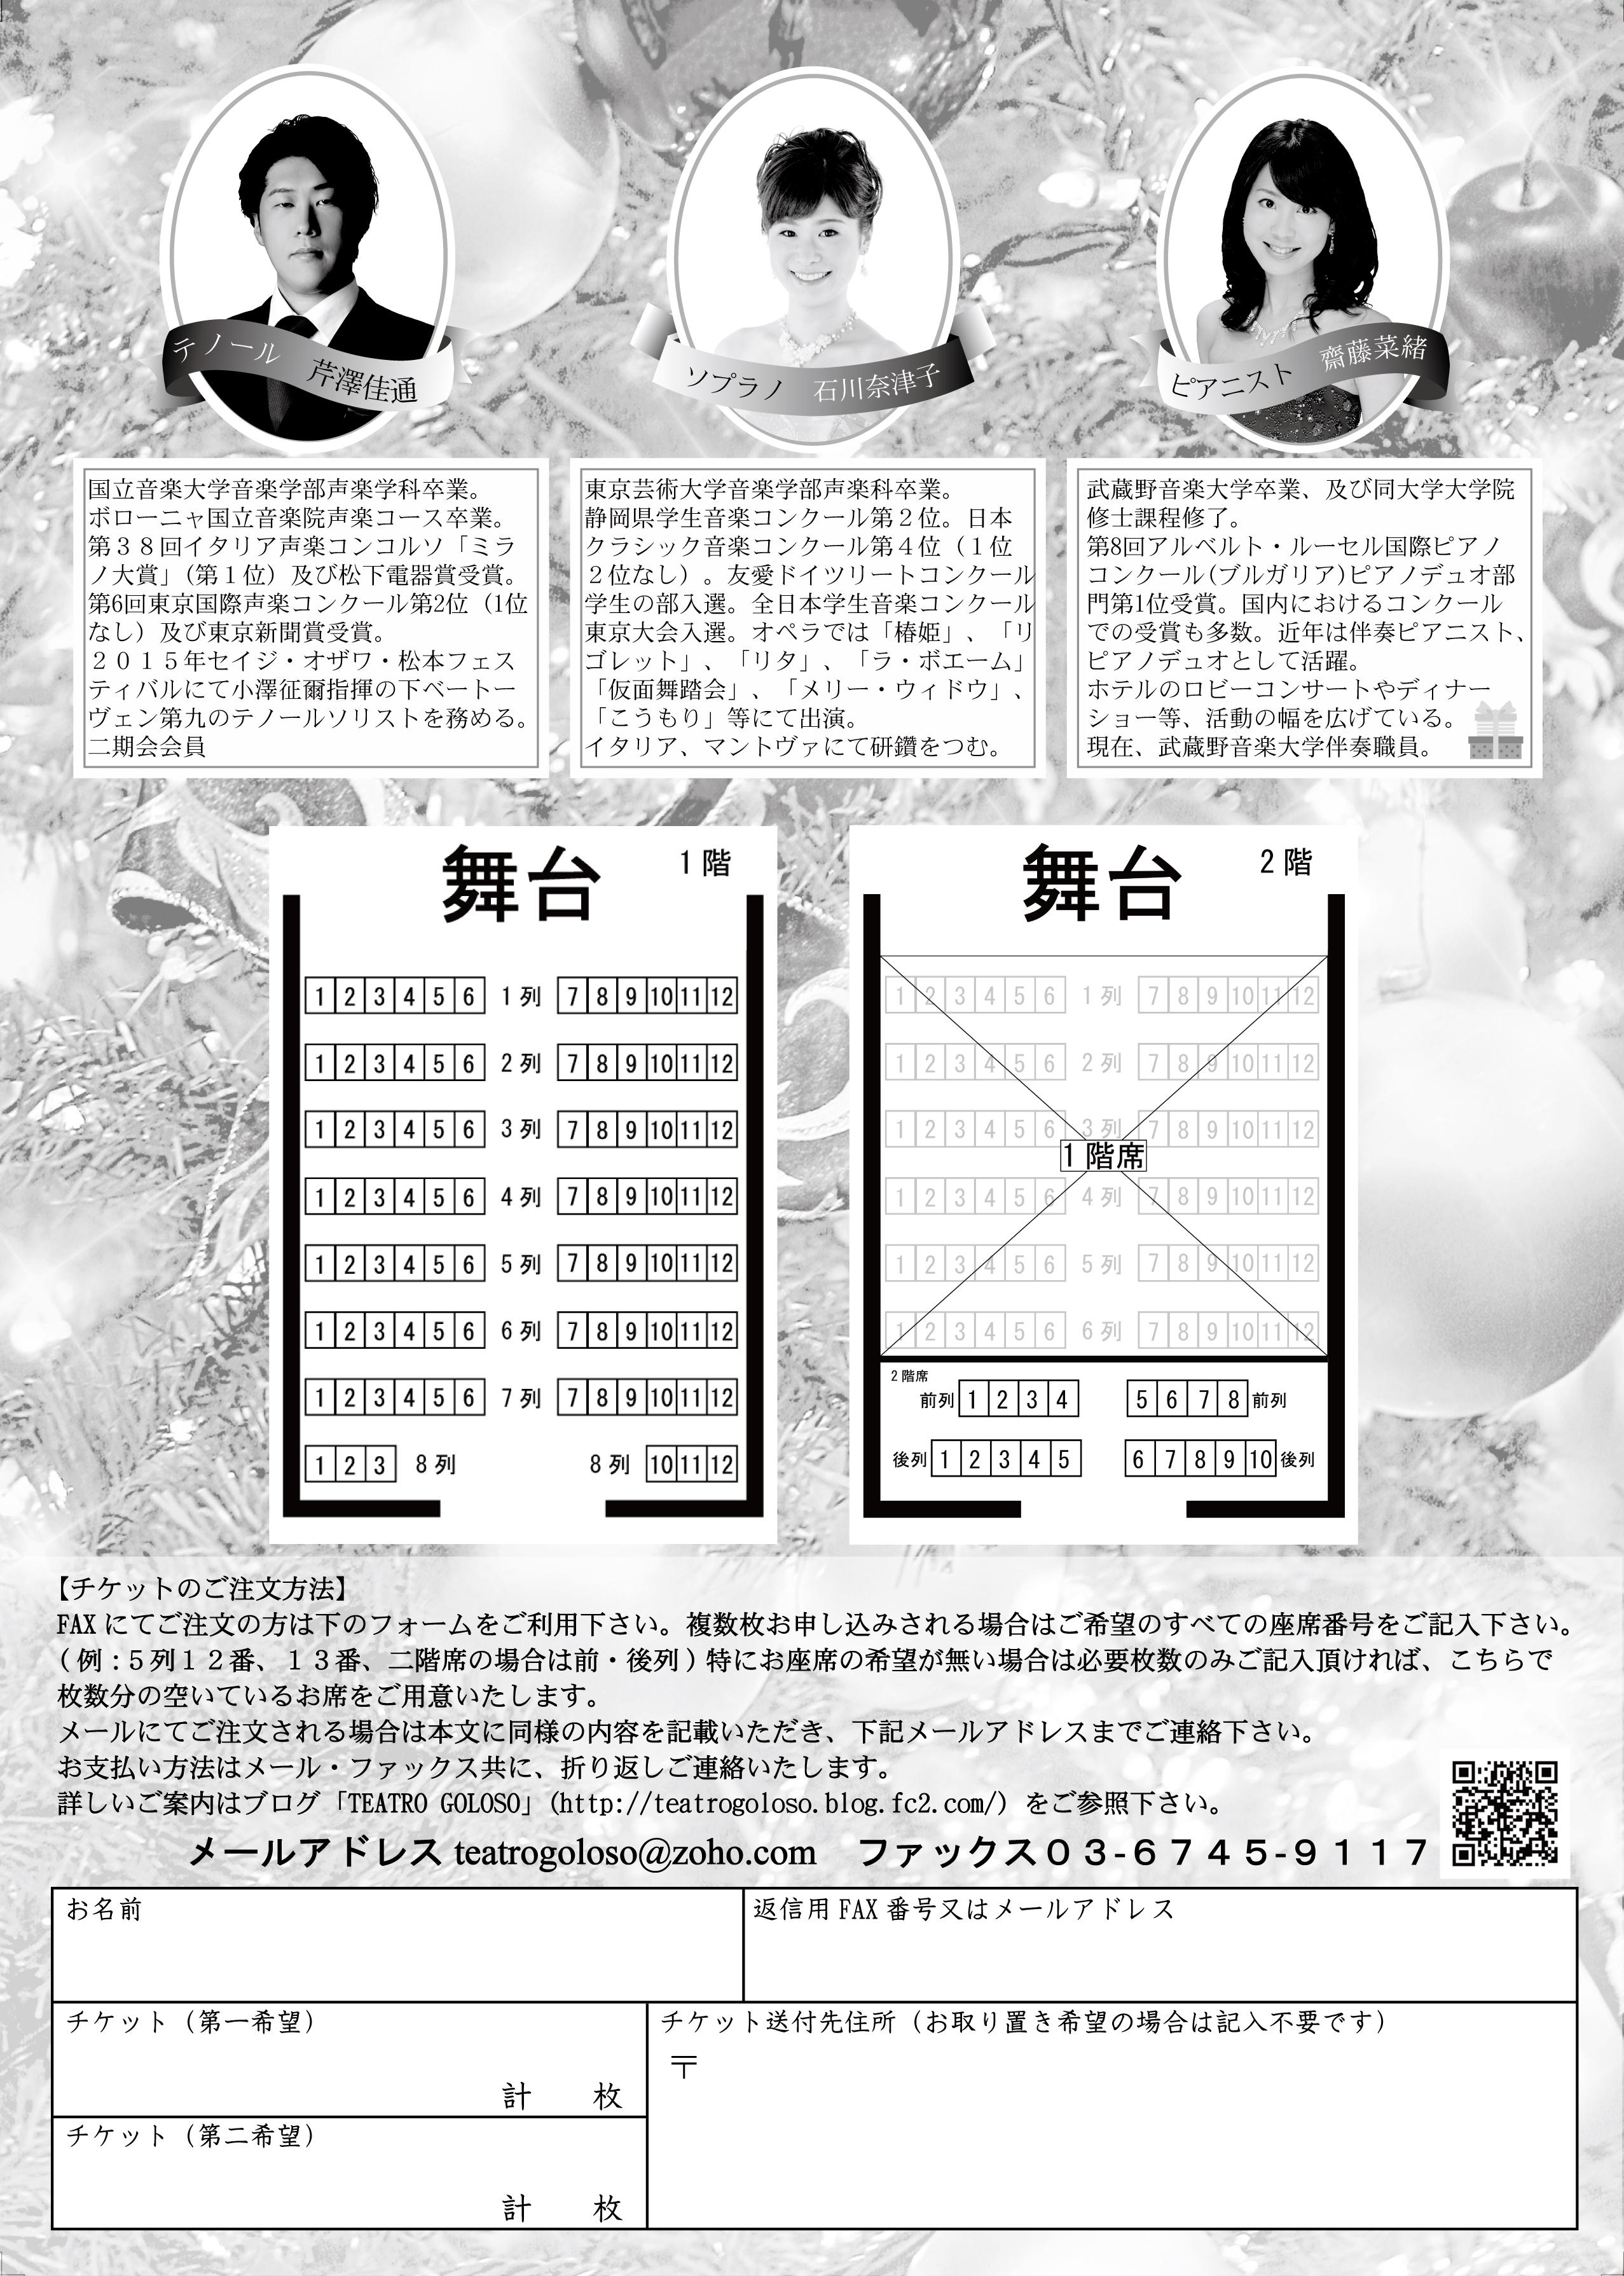 20161003185810800.jpg